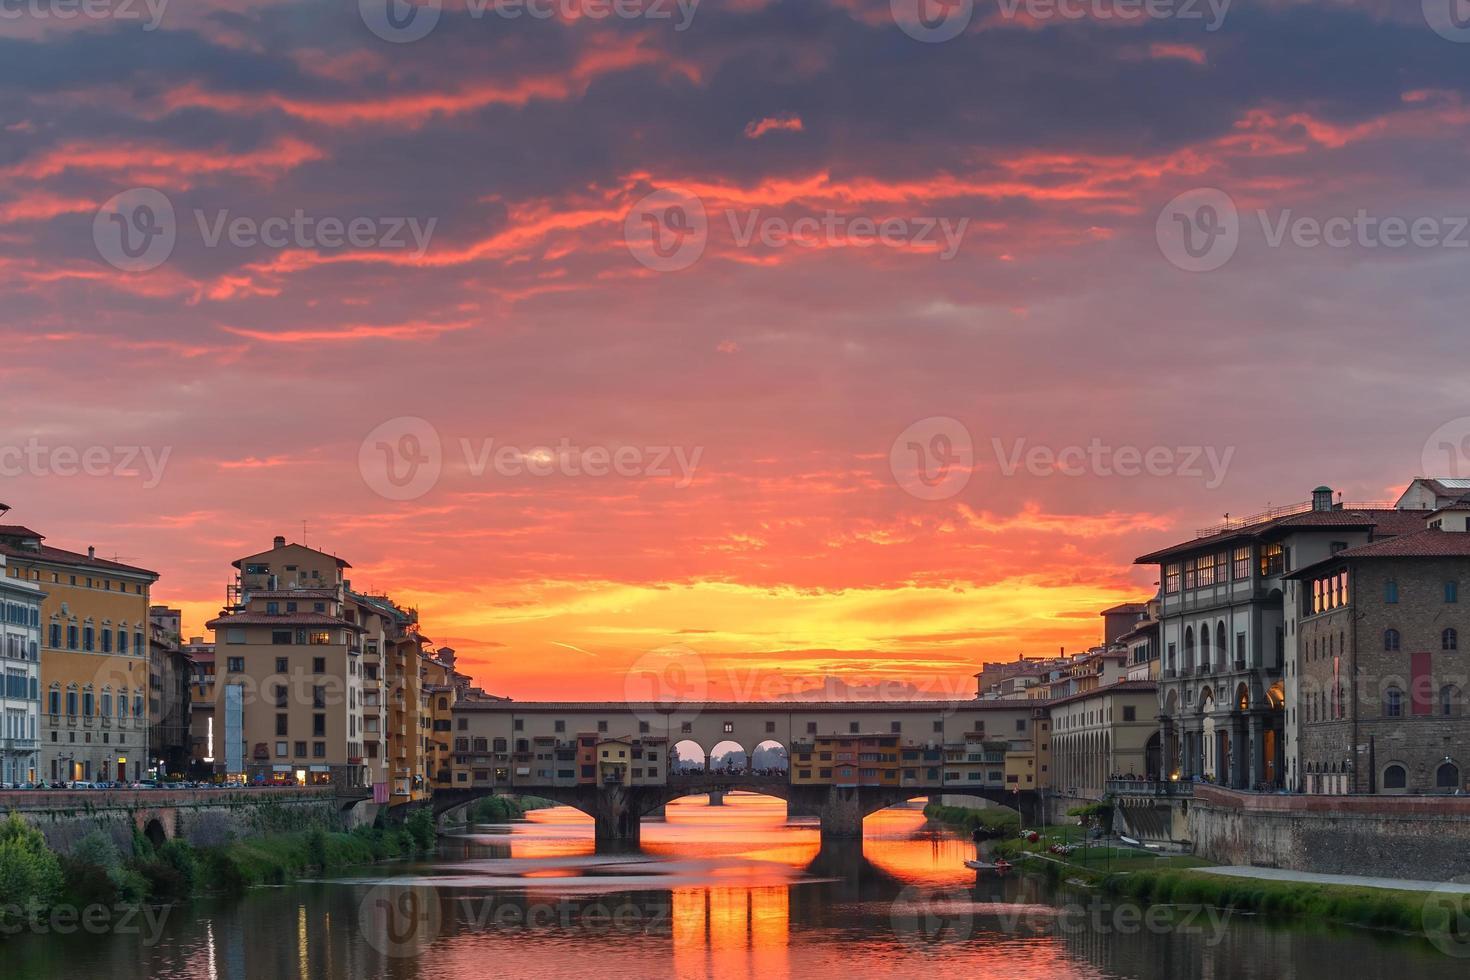 Arno y Ponte Vecchio al atardecer, Florencia, Italia. foto